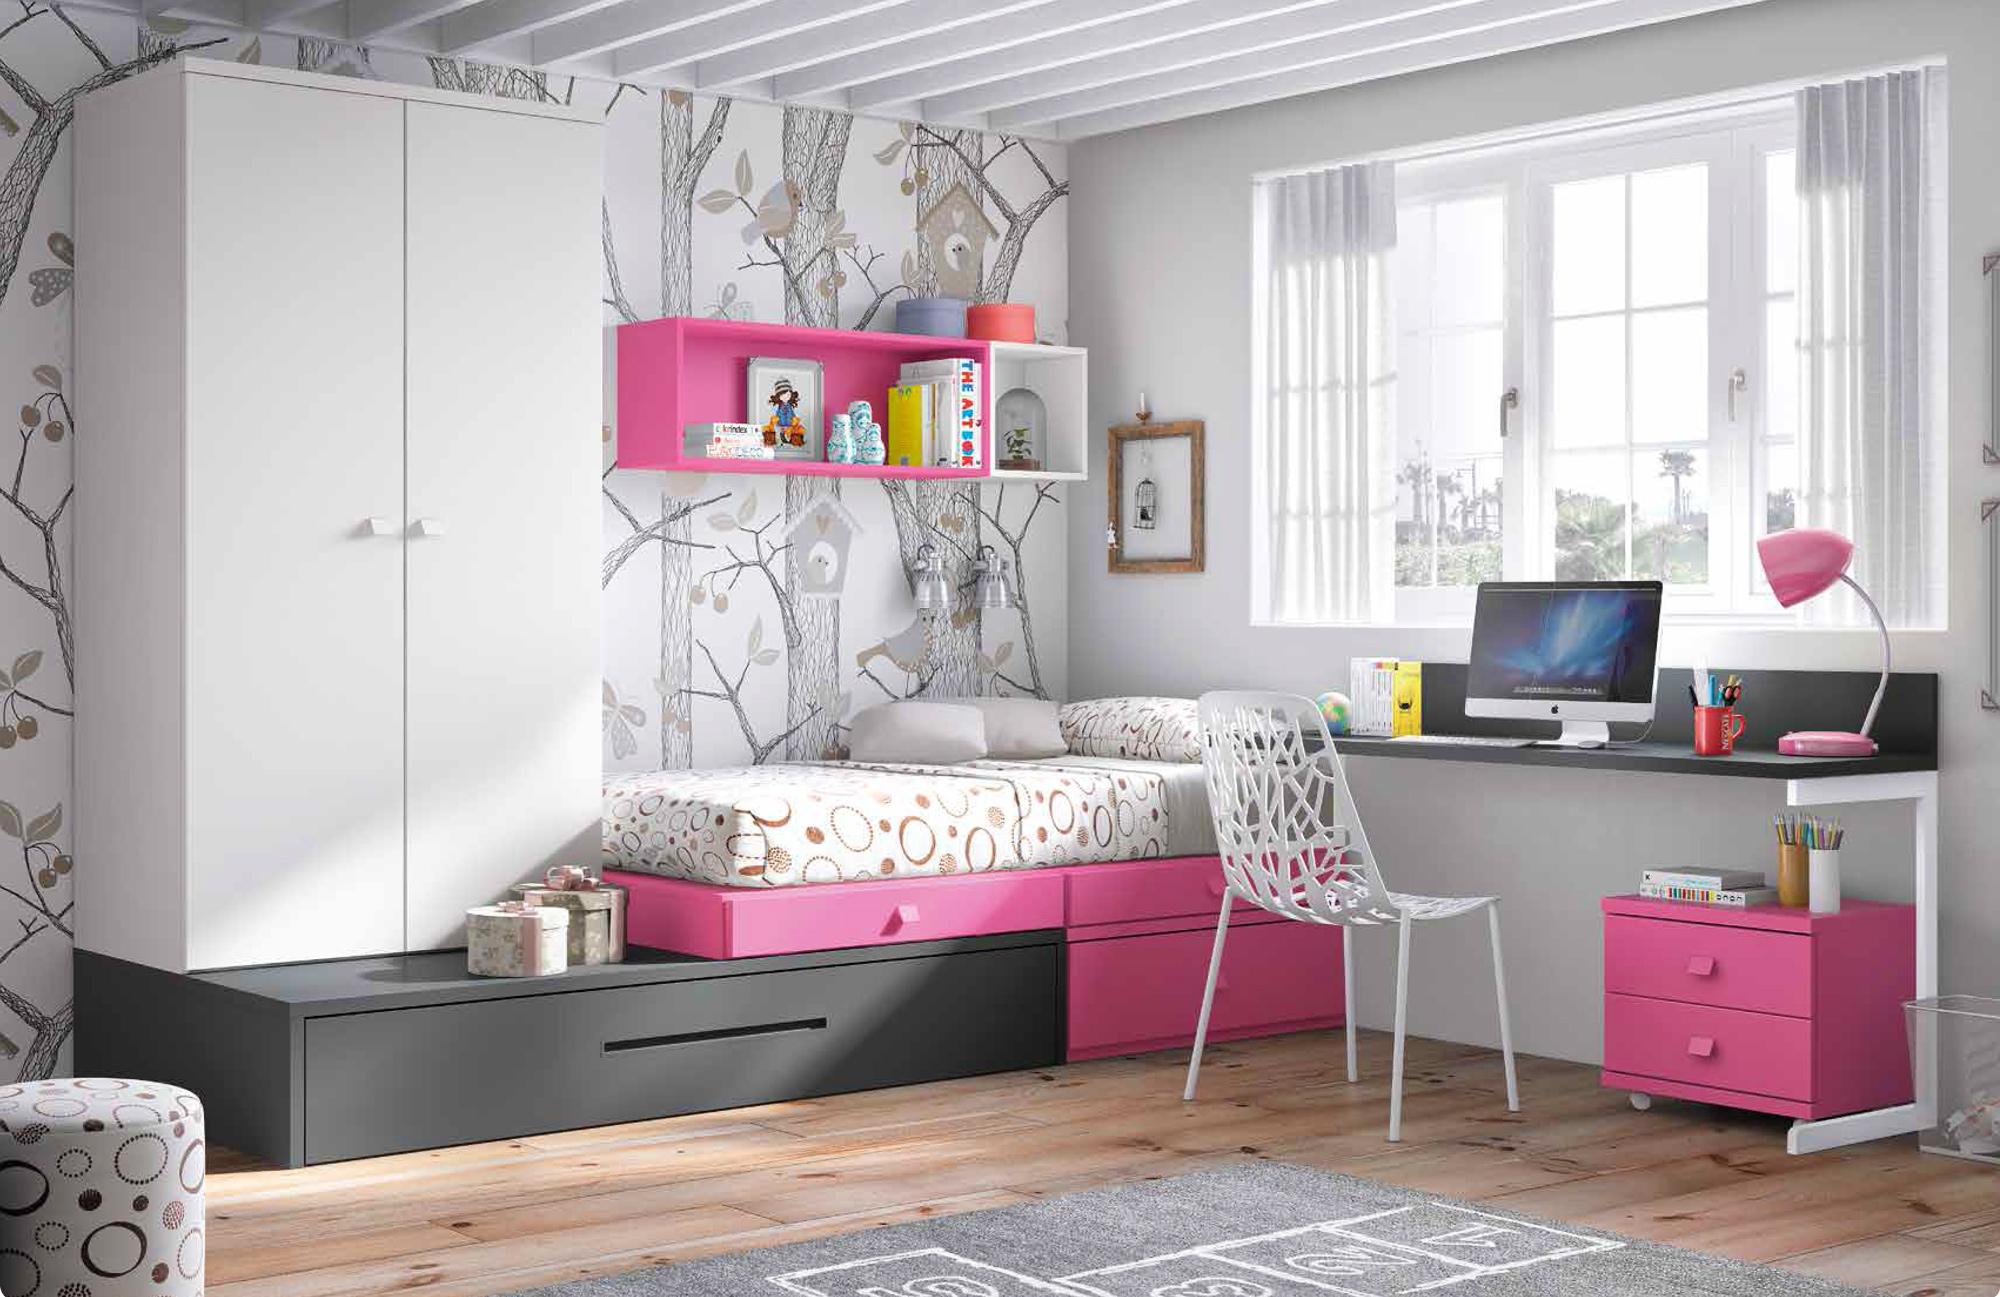 lit sous fenetre lit sous fenetre position du lit feng shui pour bien dormir conseils utiles. Black Bedroom Furniture Sets. Home Design Ideas